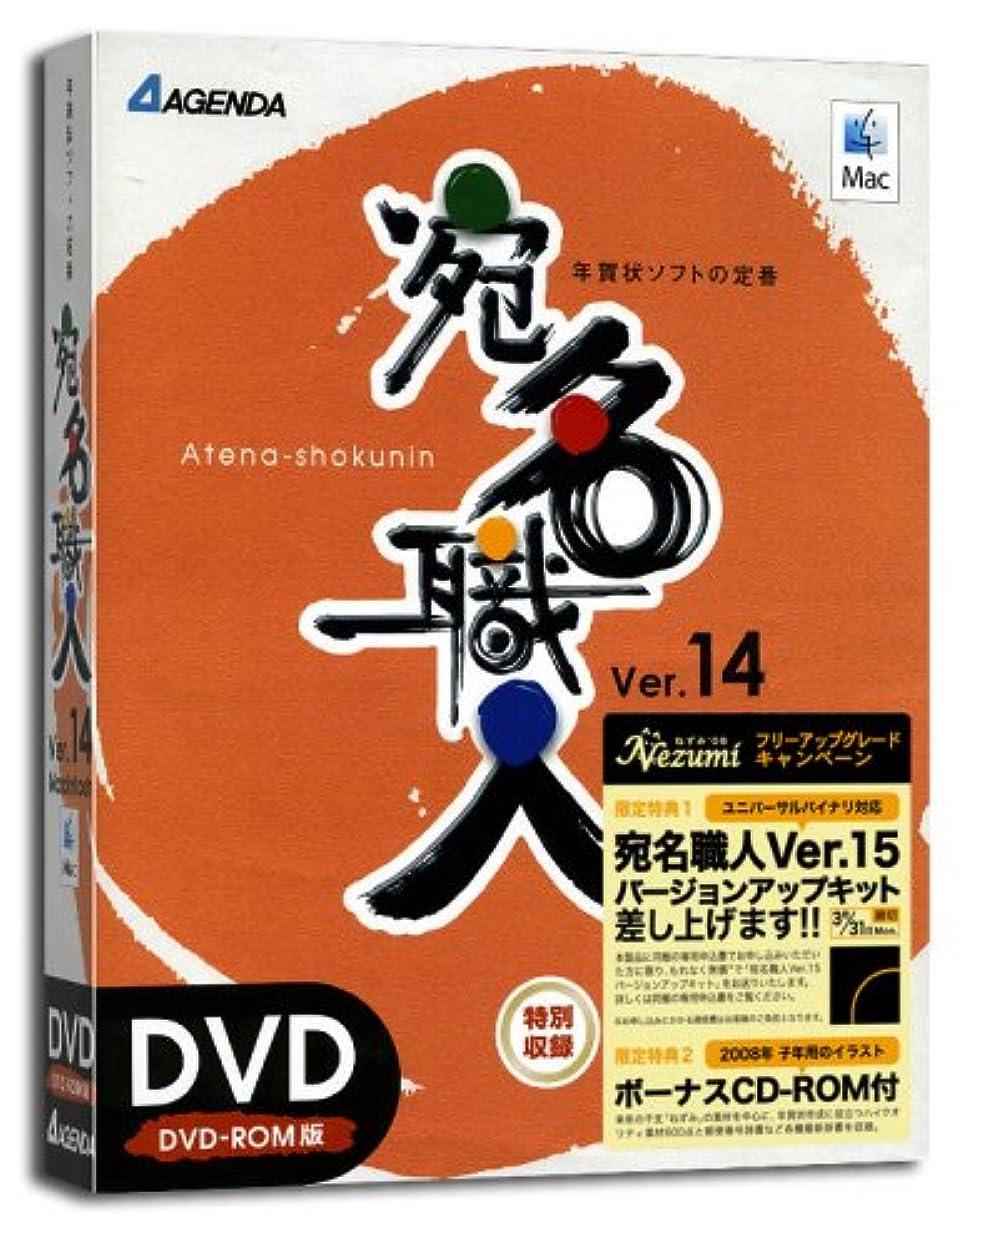 韓国語義務買収宛名職人Ver.14 ねずみ DVD版